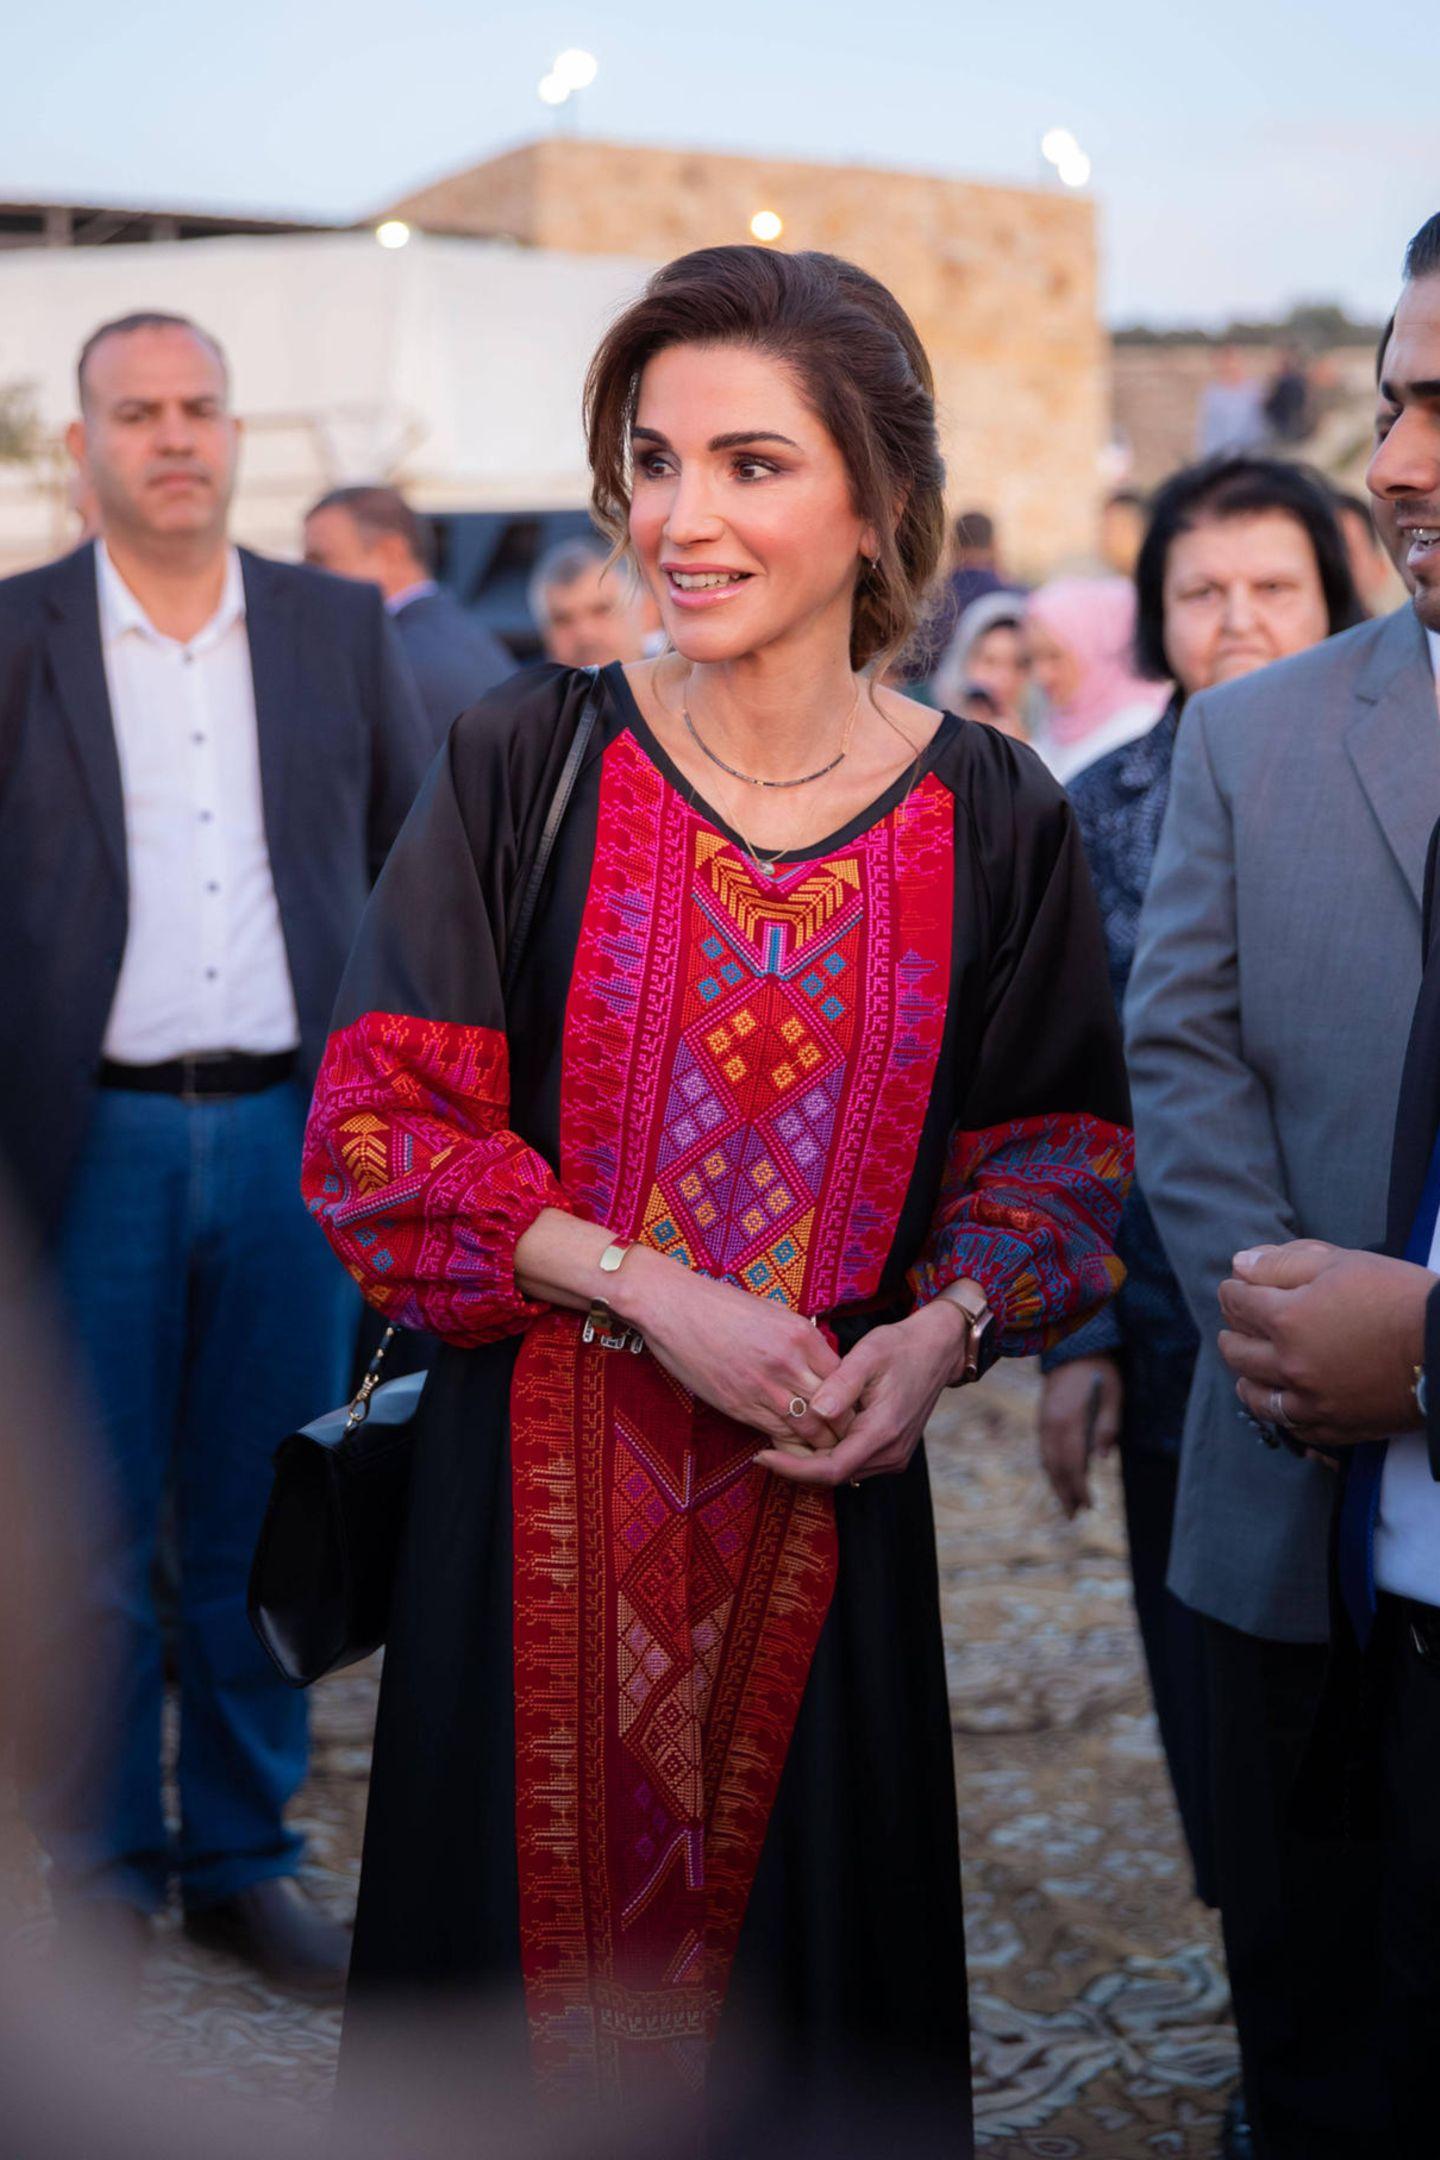 """Königin Rania von Jordanien nimmt in Tafileh an""""Iftar"""" teil, dem gemeinsamen traditionellen Fastenbrechen. Ihr farbenfrohes Maxikleid findet die perfekte Balance zwischen modisch-modern und konservativ-zurückhaltend."""